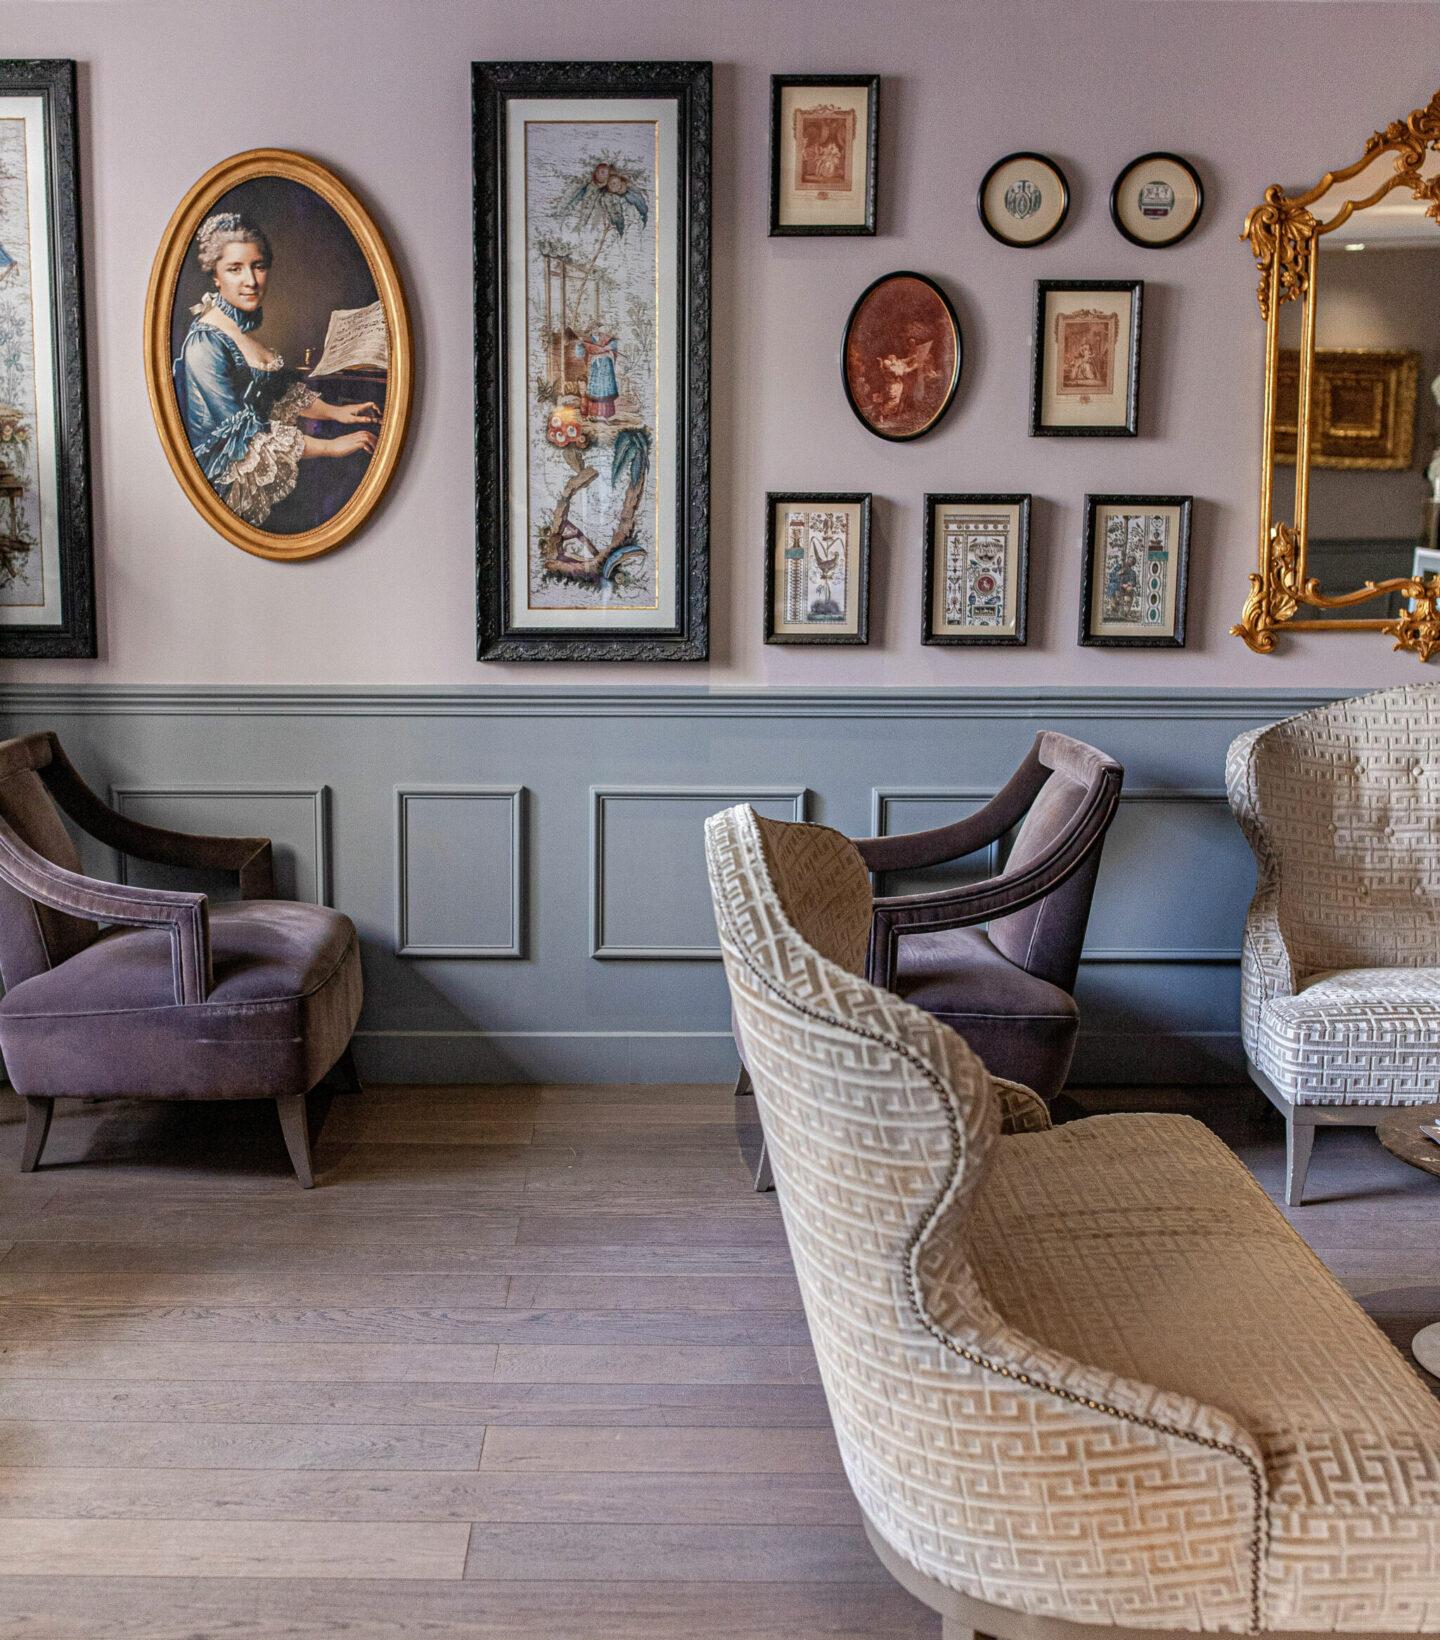 4-best-hotels-in-paris-where-to-stay-in-paris-paris-boutique-hotel-la-maison-favart-kelsey-heinrichs-kelseyinlondon